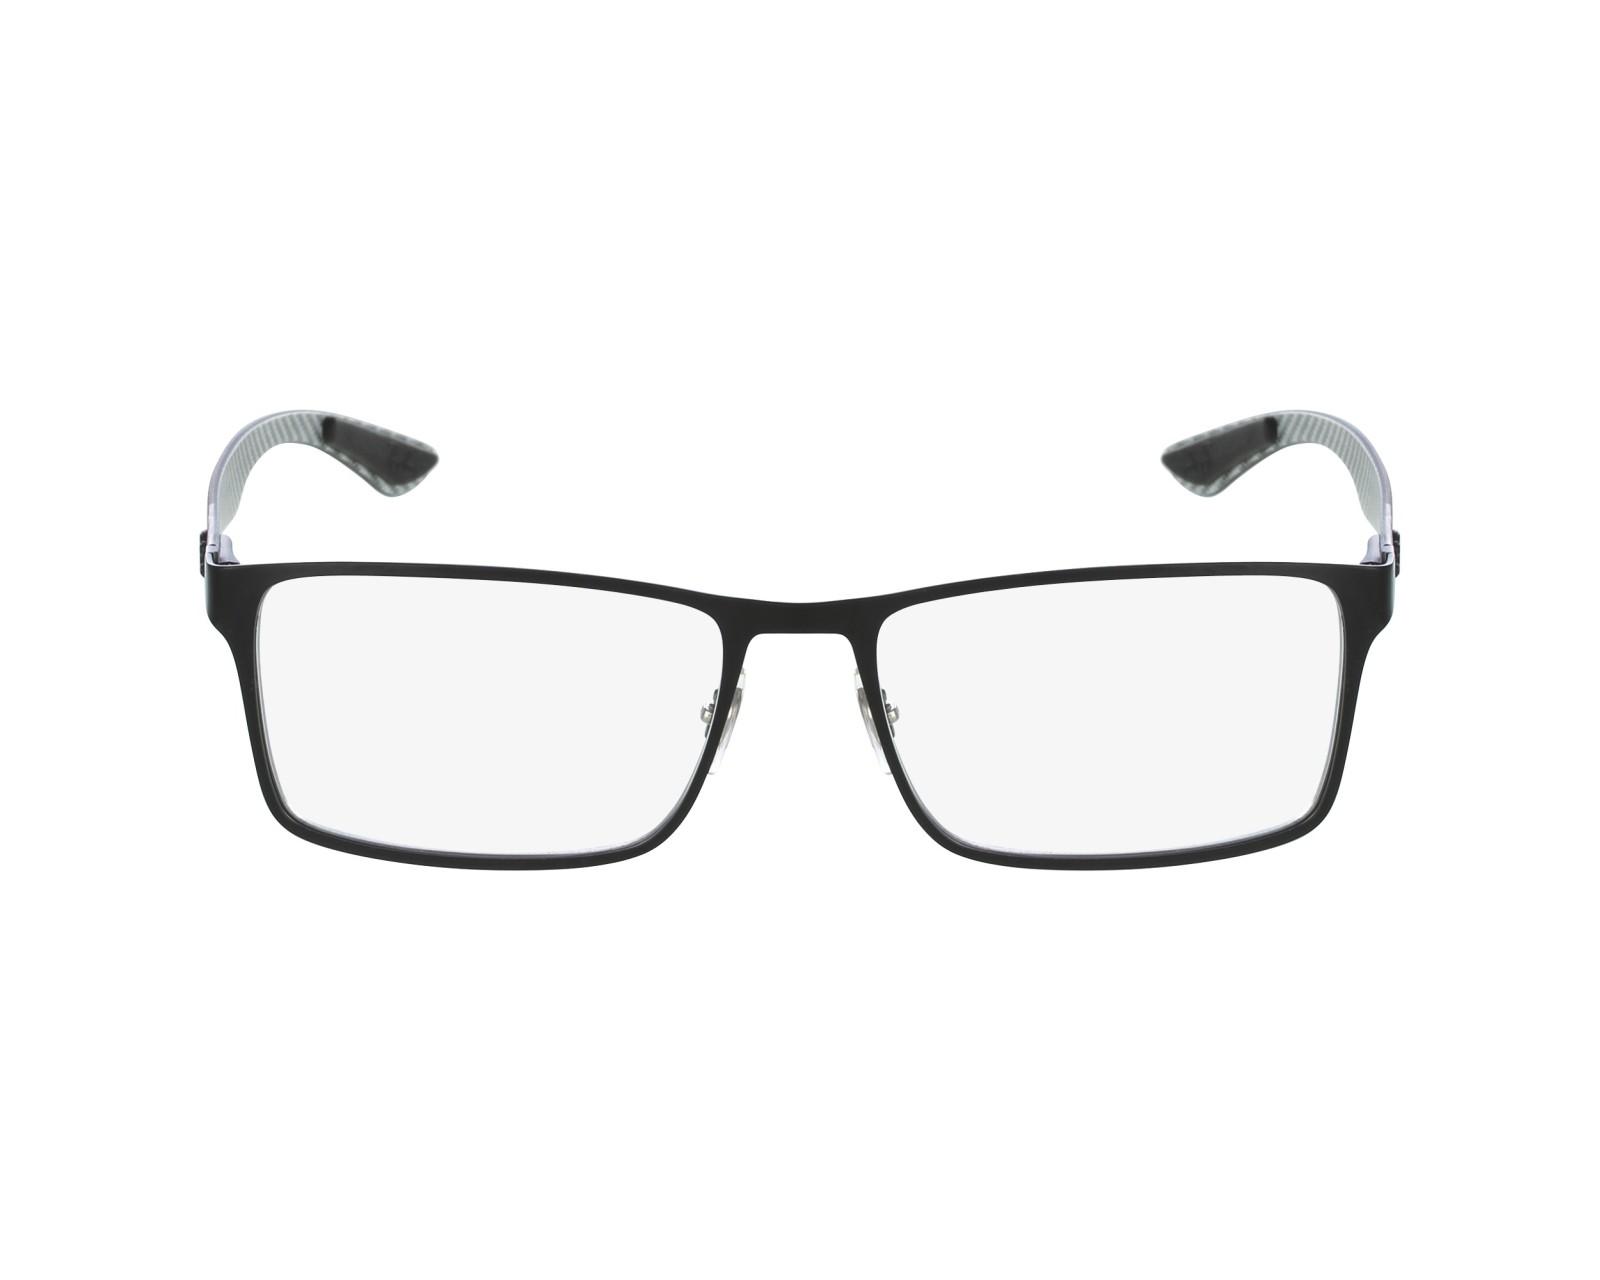 f985df7c51 eyeglasses Ray-Ban RX-8415 2503 53-17 Black Grey profile view